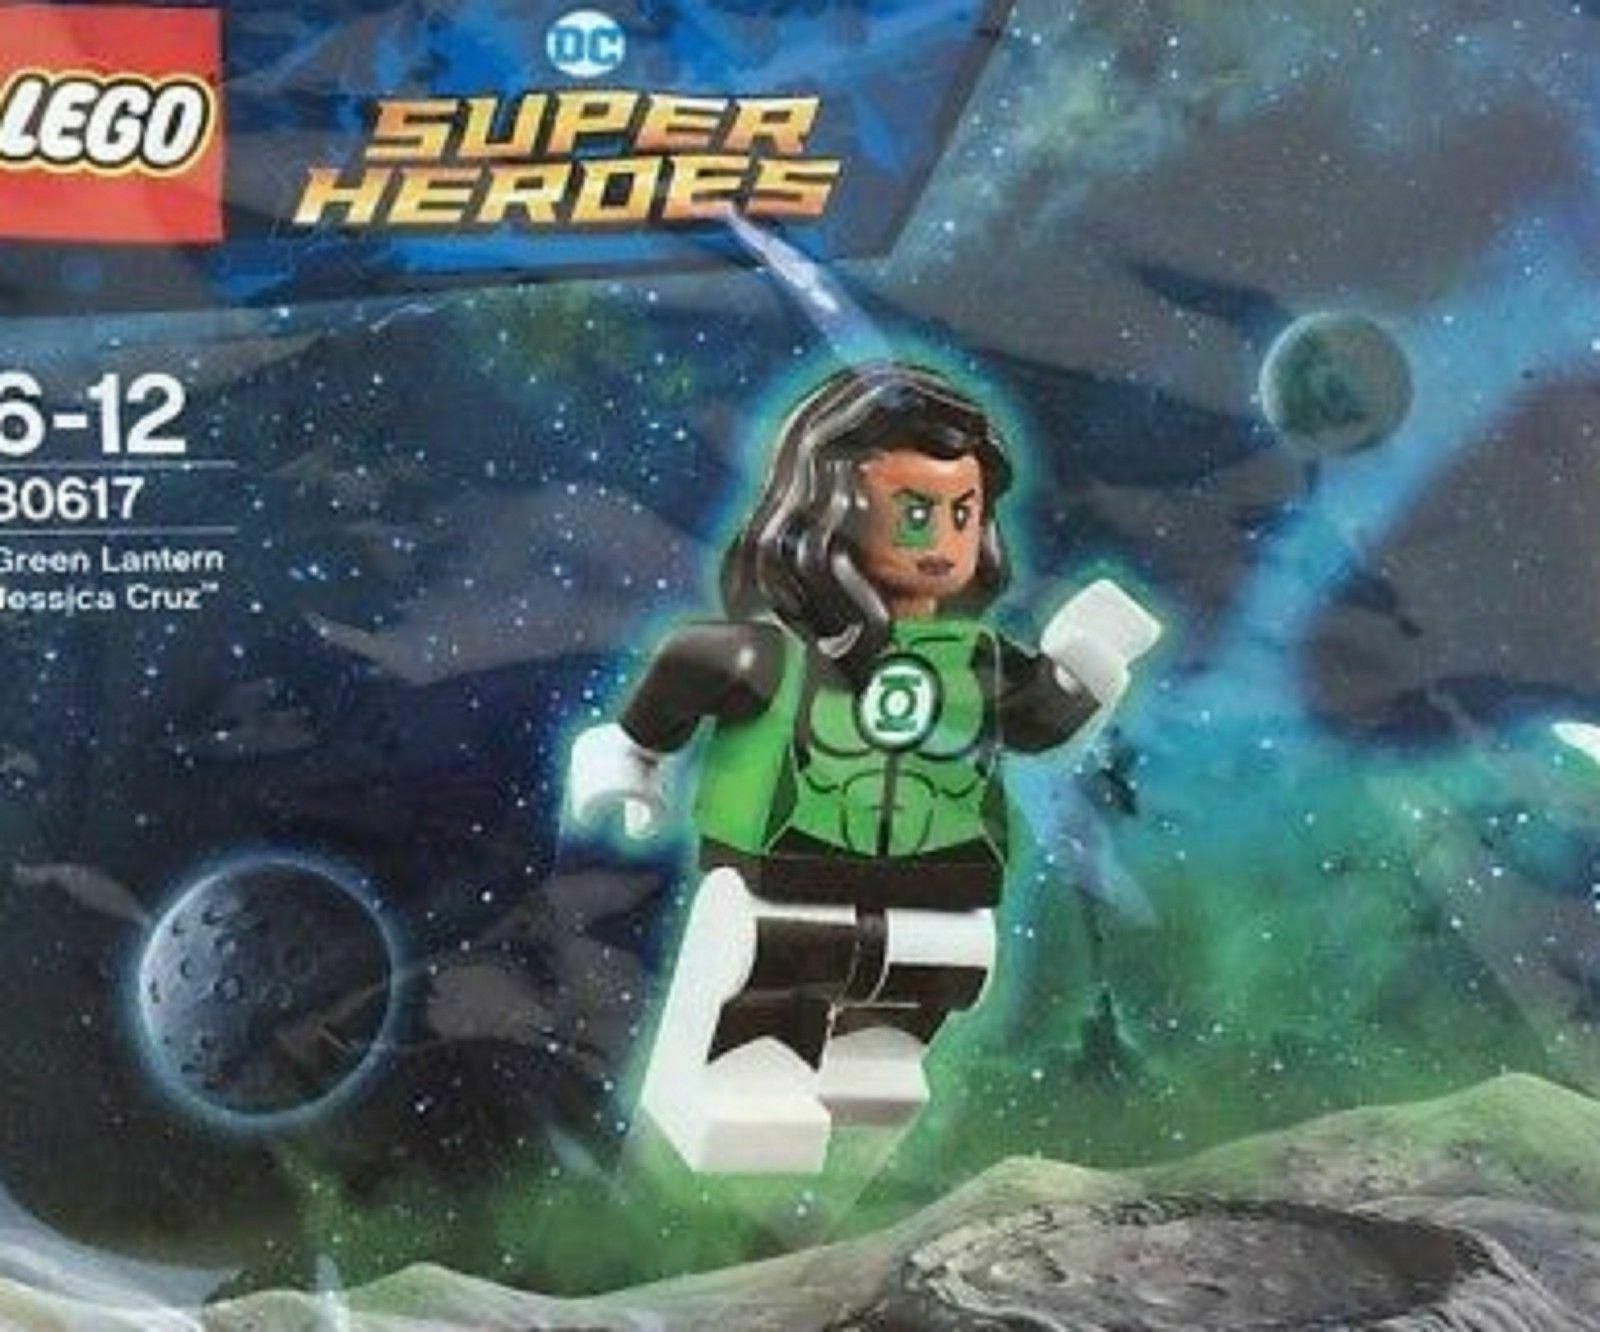 LEGO item originally released at Comic Con